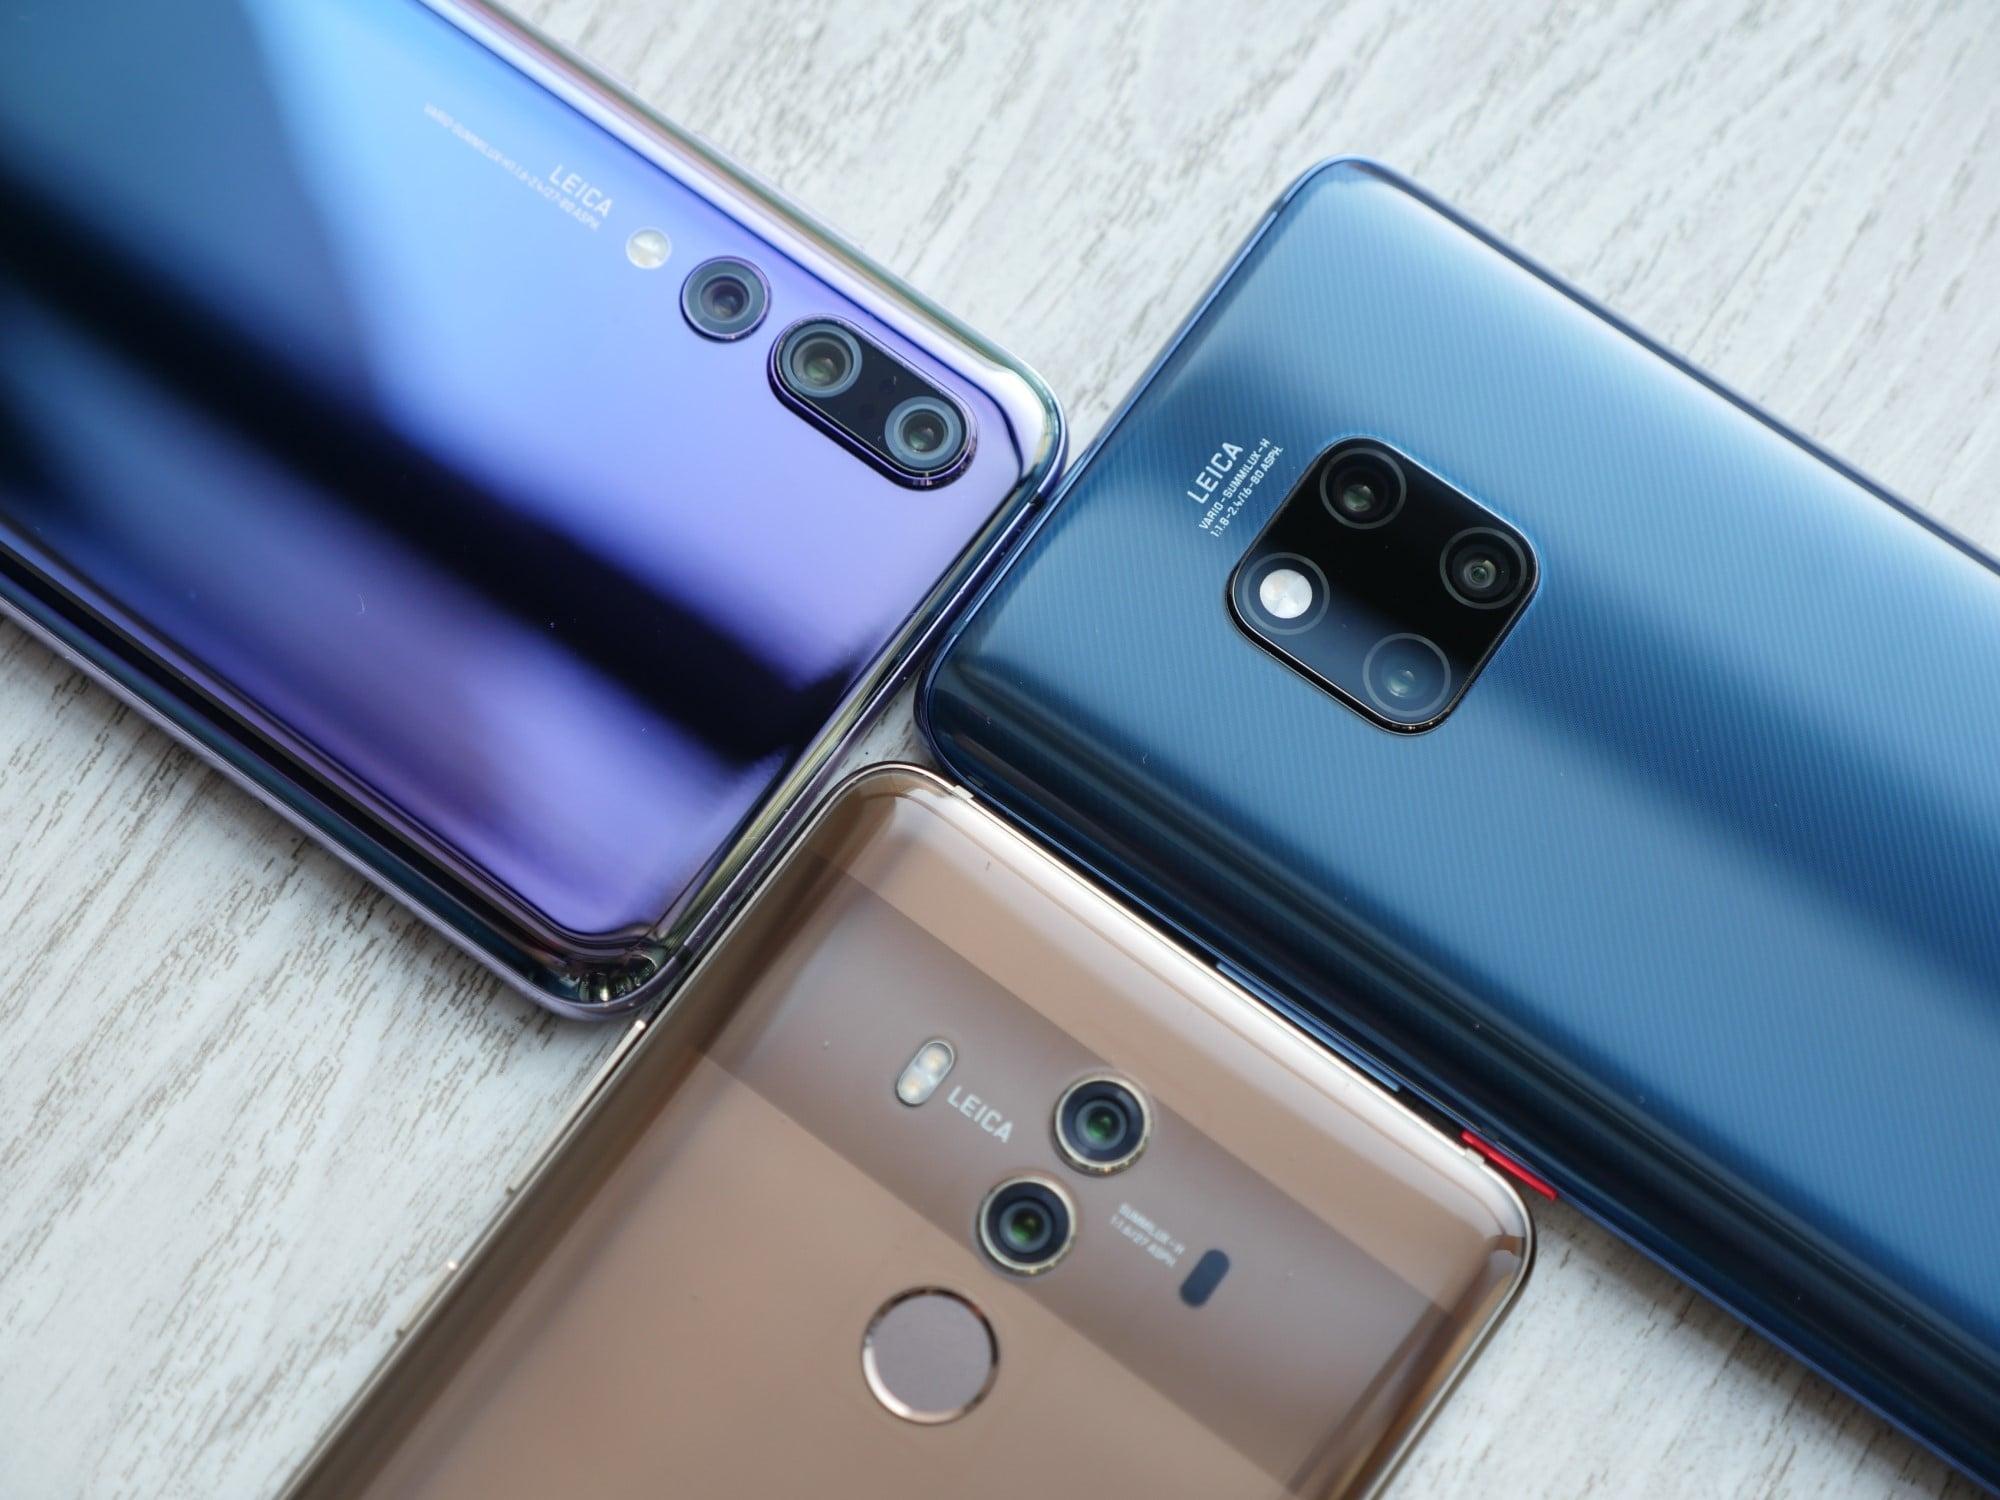 Huawei bije własny rekord sprzedanych urządzeń, i to mimo wielu przeciwności 20